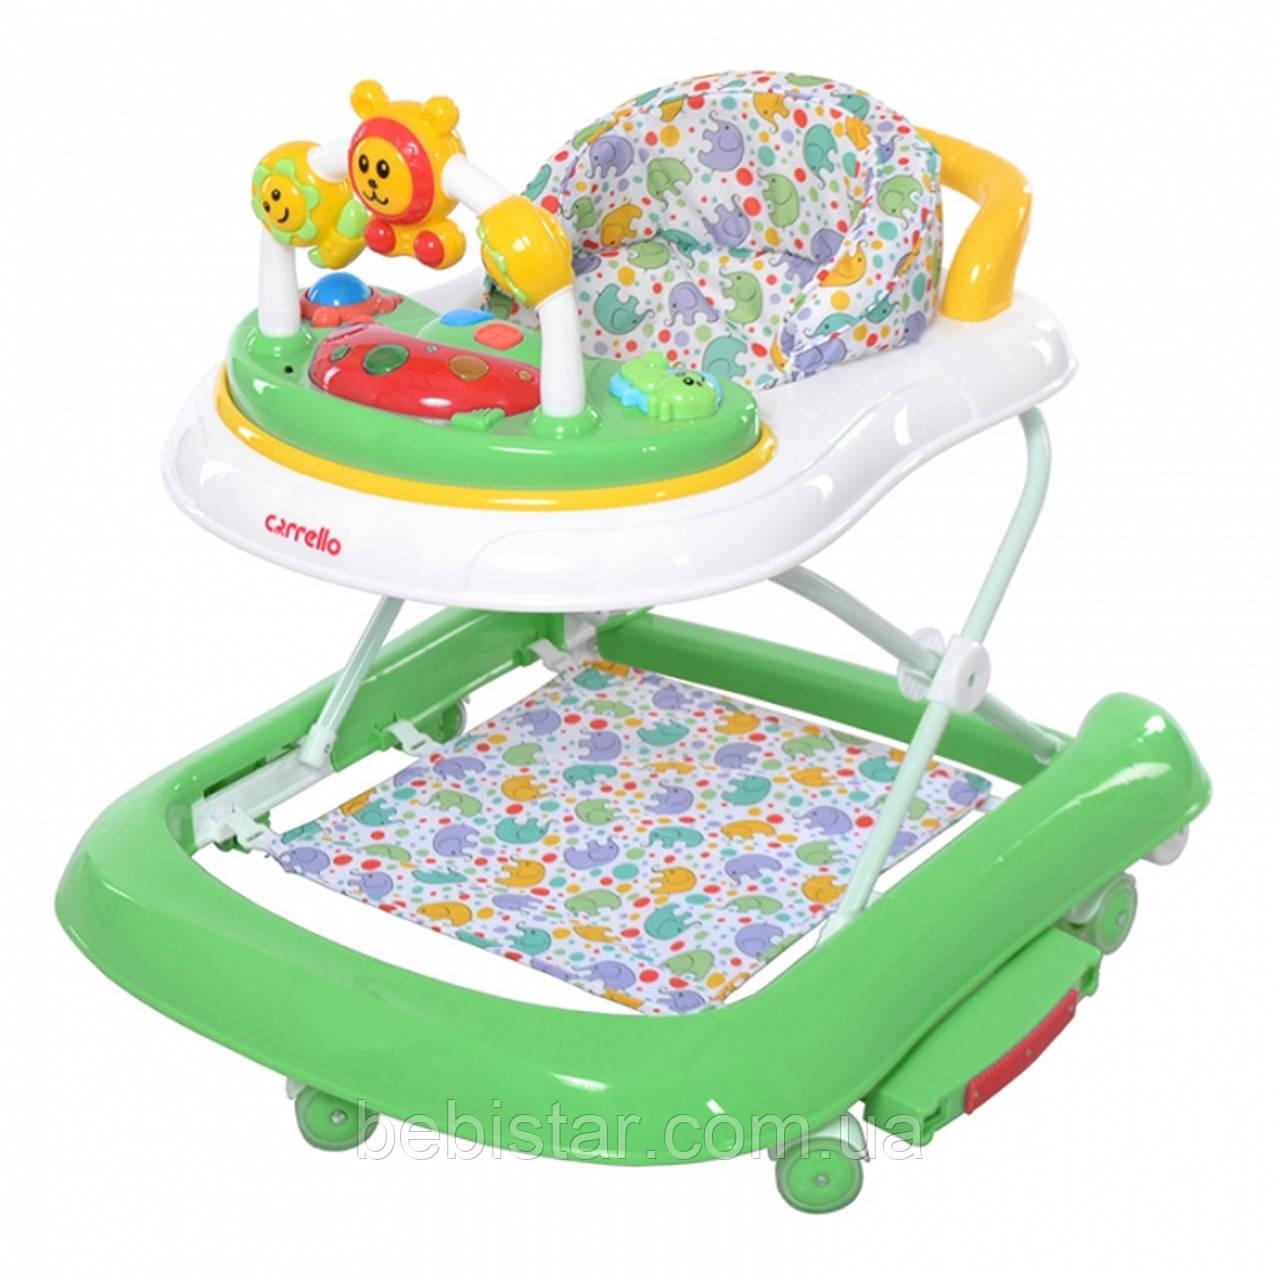 Ходунки в зеленом цвете с музыкальной игровой панелью CARRELLO Libero 3 в 1 для Вас и вашего ребенка